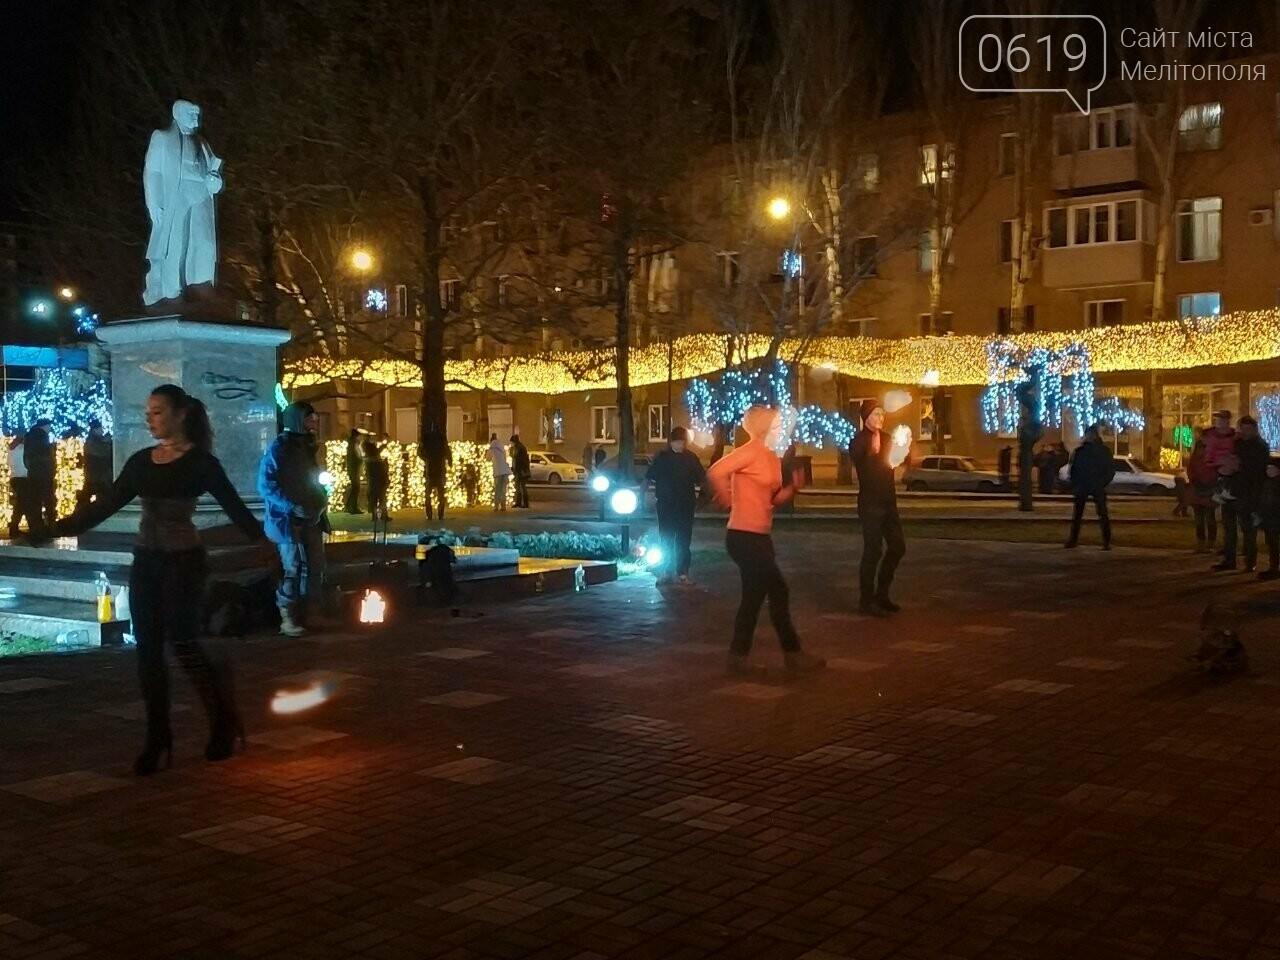 В центре Мелитополя устроили огненное шоу, фото-5, Фото сайта 0619